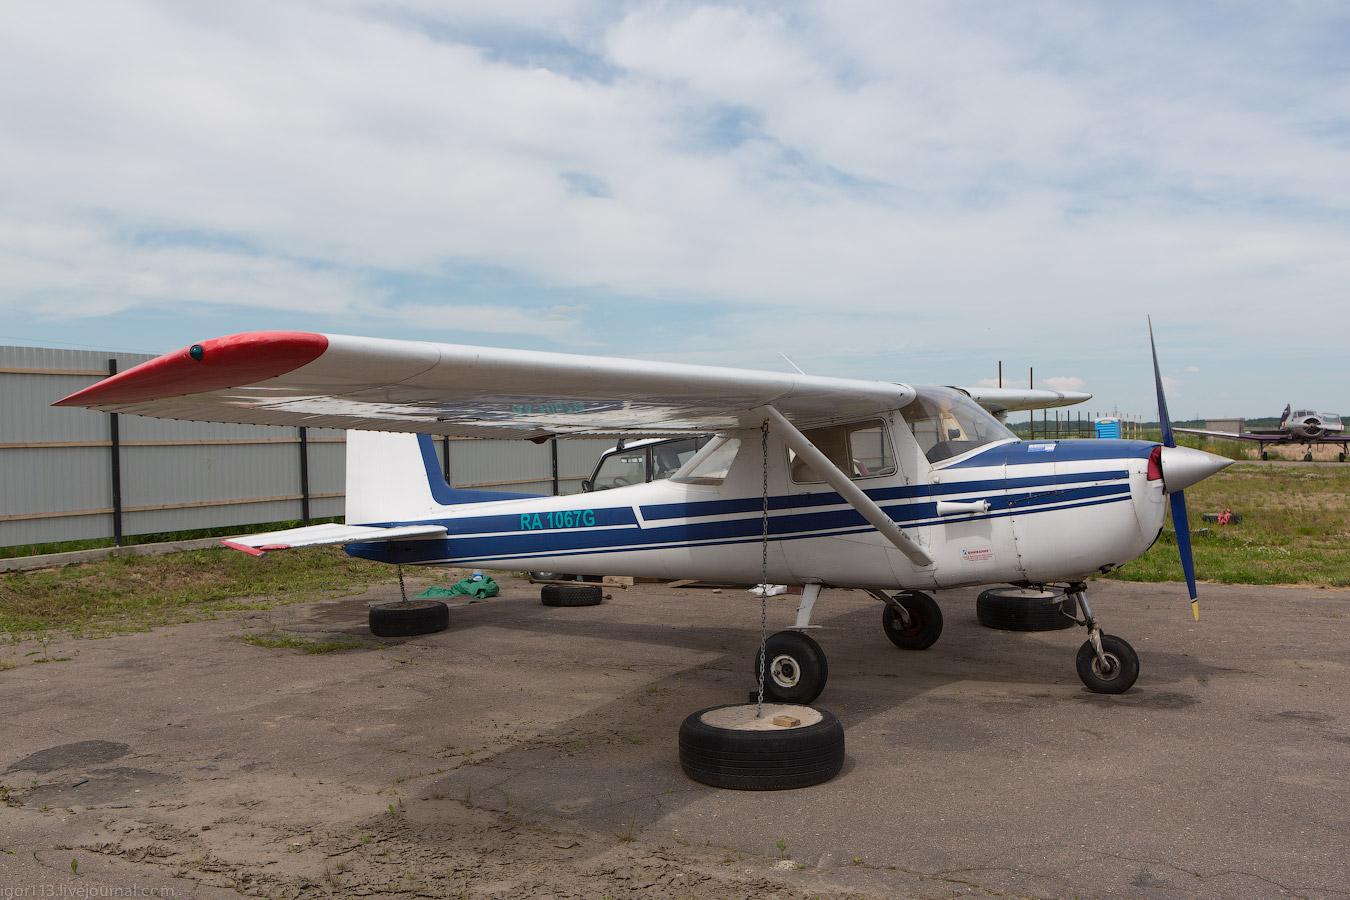 0F2C6572